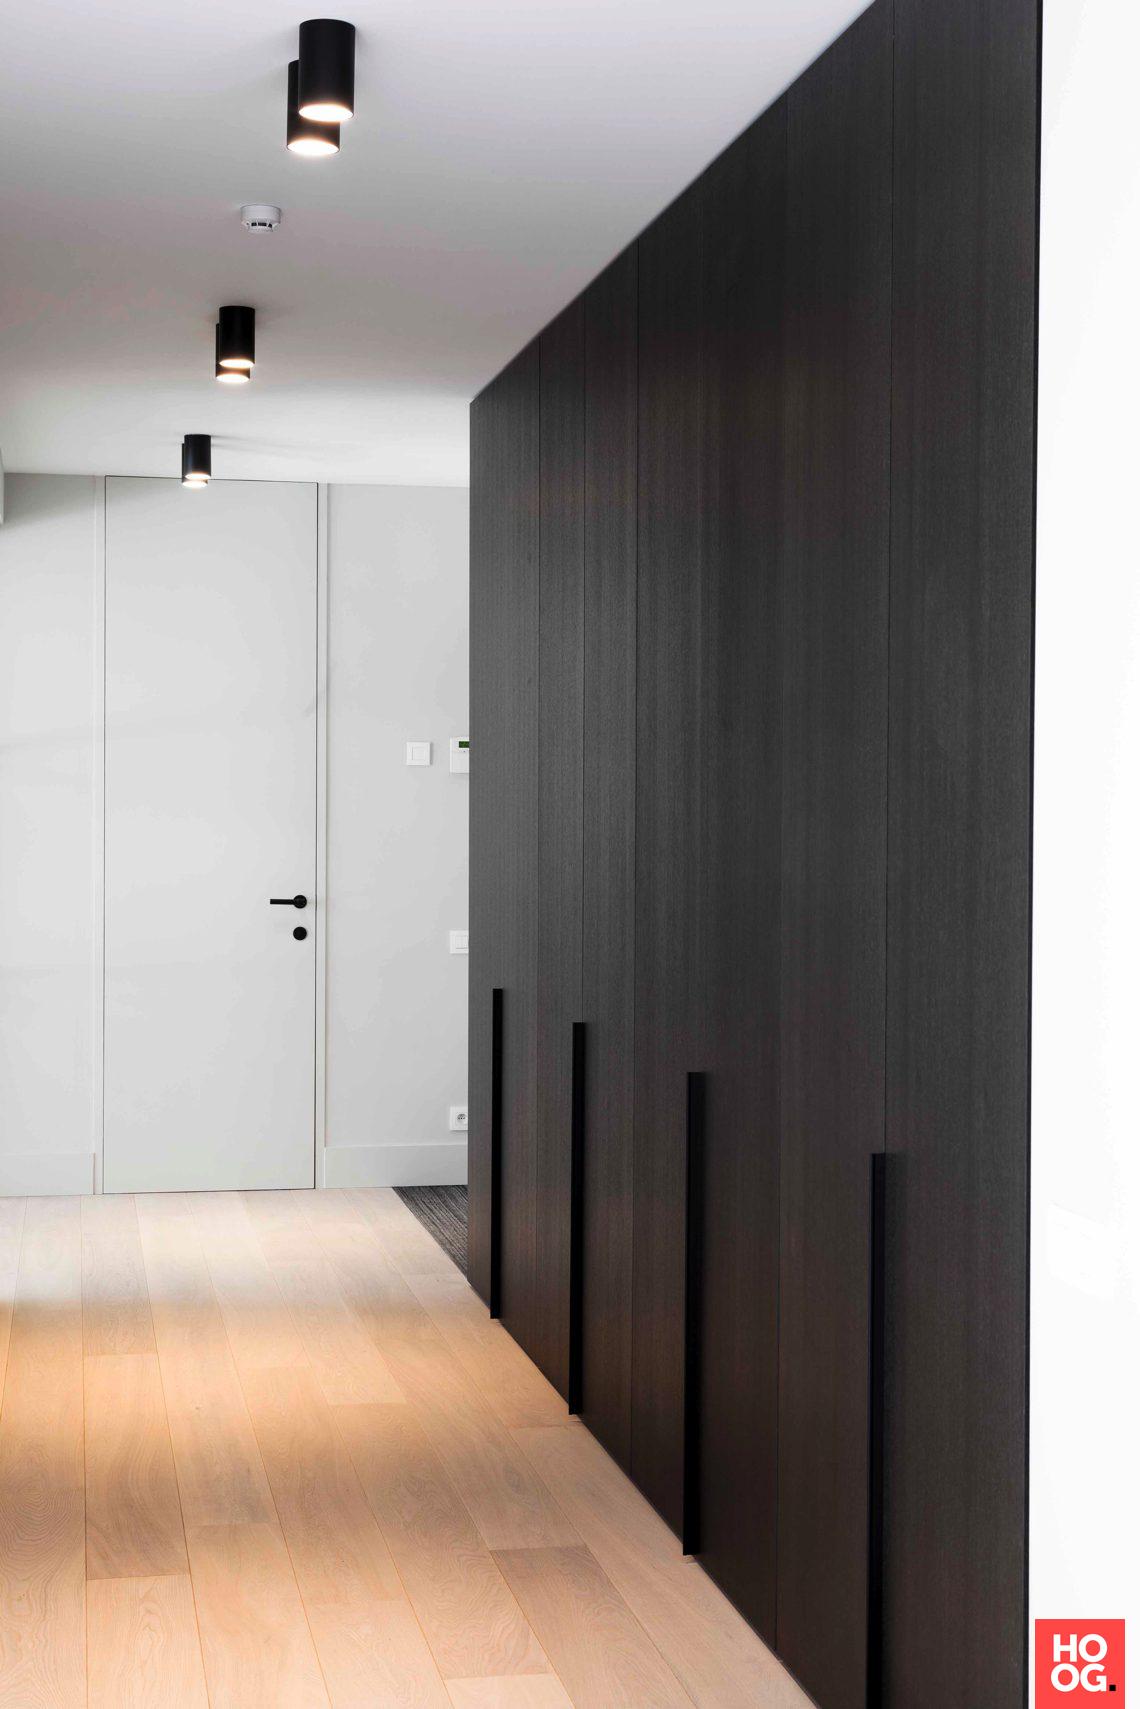 Extraordinary Kleiderschrank Design Decoration Of Vorzimmer, Wohnraum, Begehbarer Kleiderschrank, Moderne Garderobe, Design,